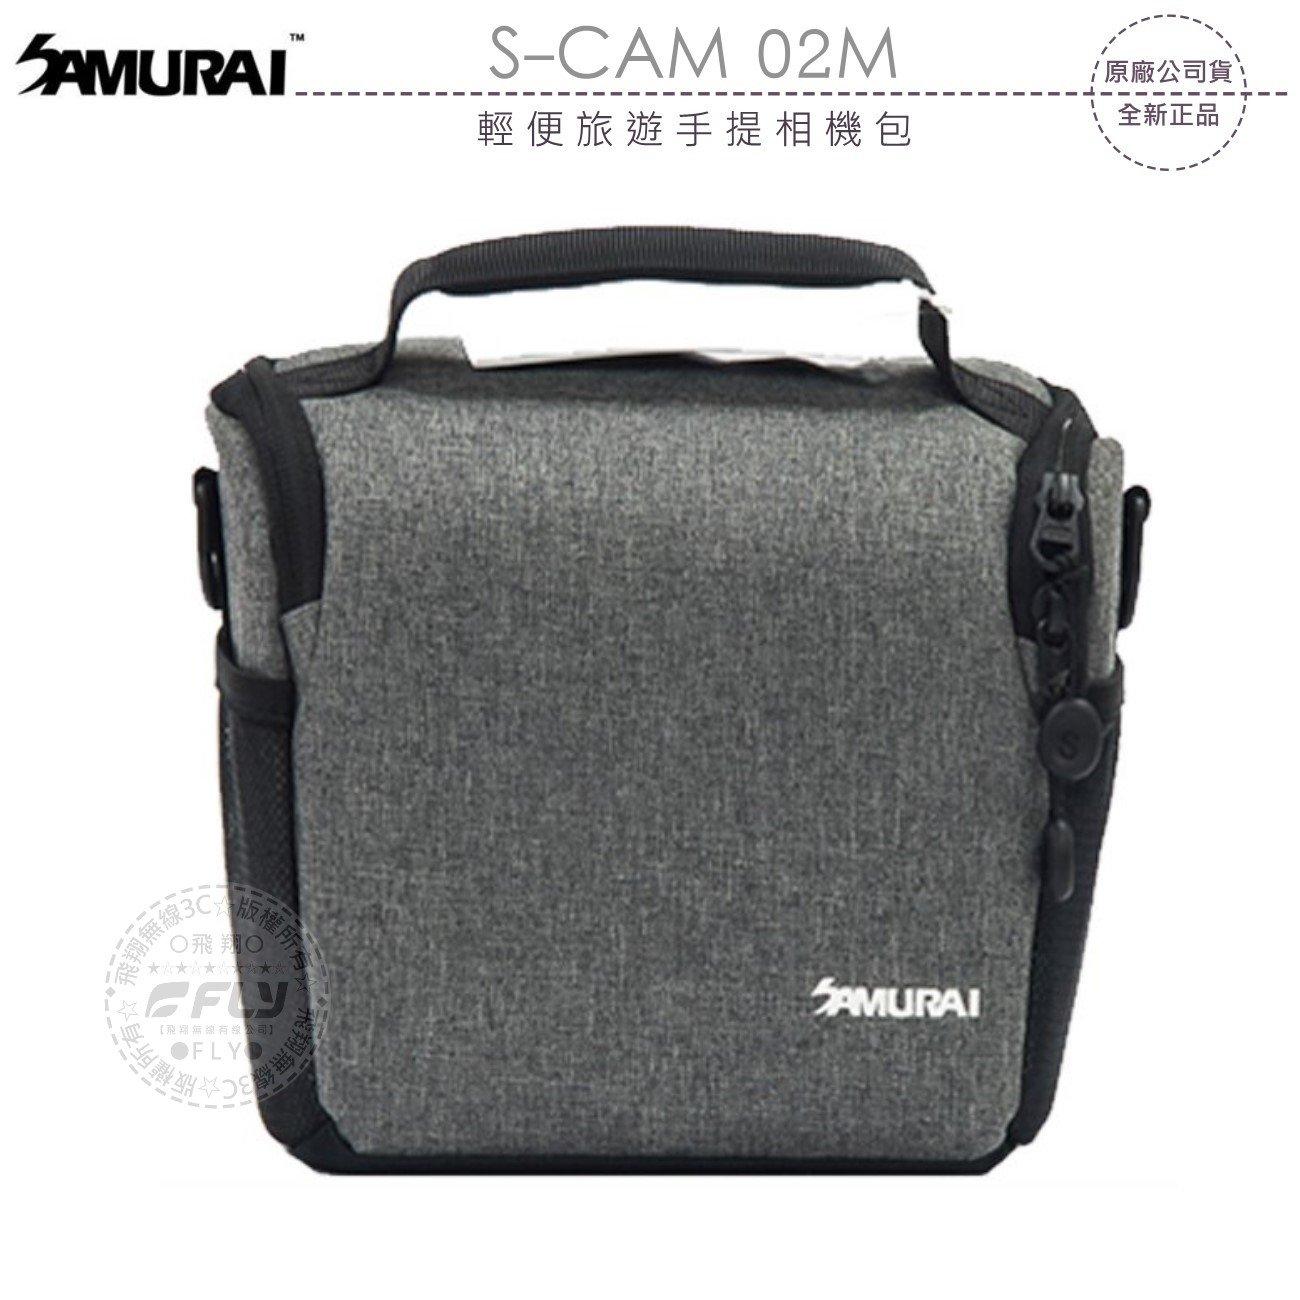 《飛翔無線3C》SAMURAI 新武士 S-CAM 02M 輕便旅遊手提相機包│公司貨│攝影收納袋 出遊攜帶包